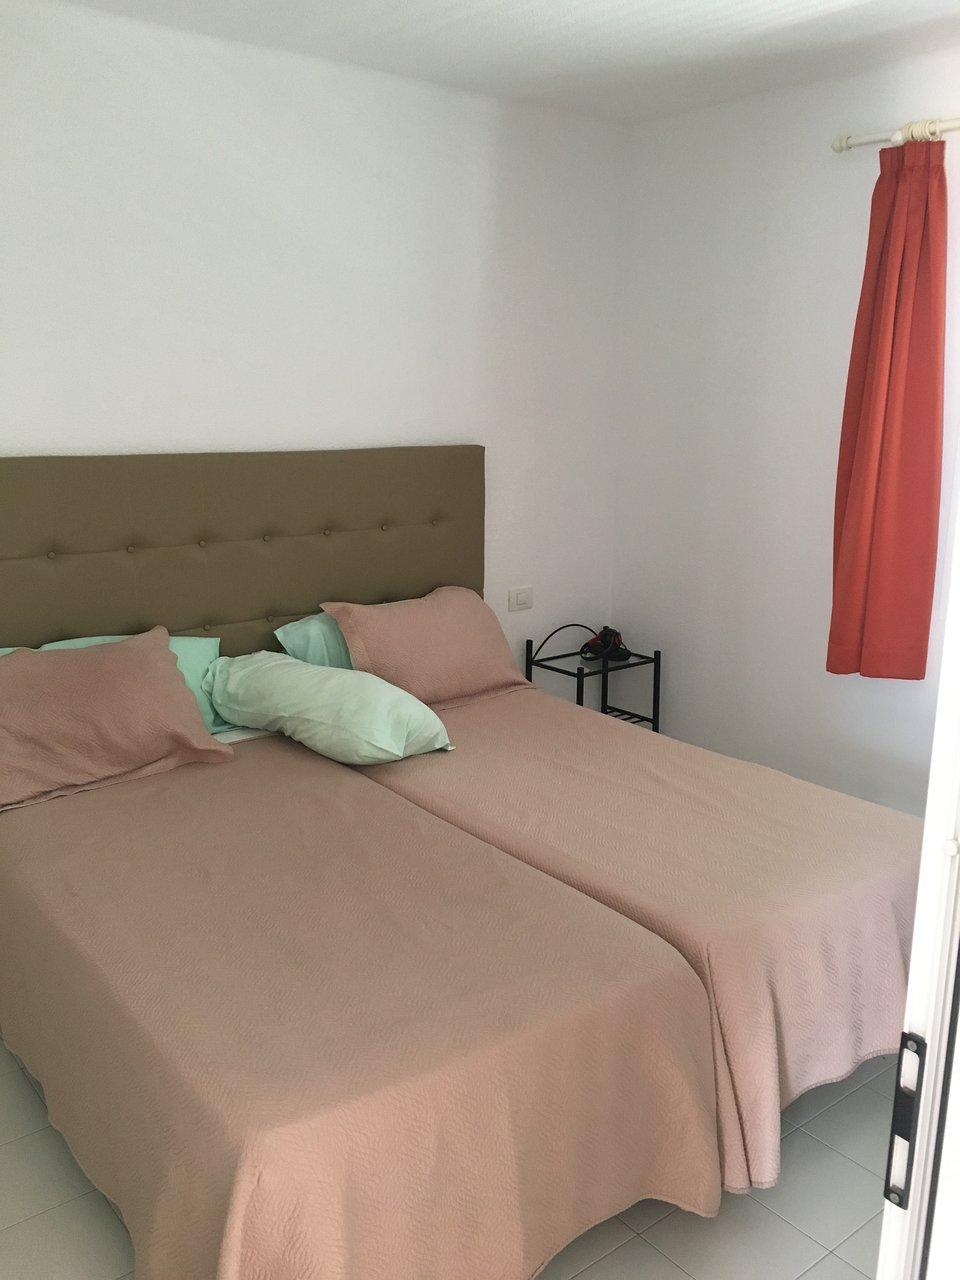 dedc51b9 CORONA MAR APARTMENTS (Puerto Del Carmen, Spania) - Hotell - anmeldelser og  prissammenligning - TripAdvisor